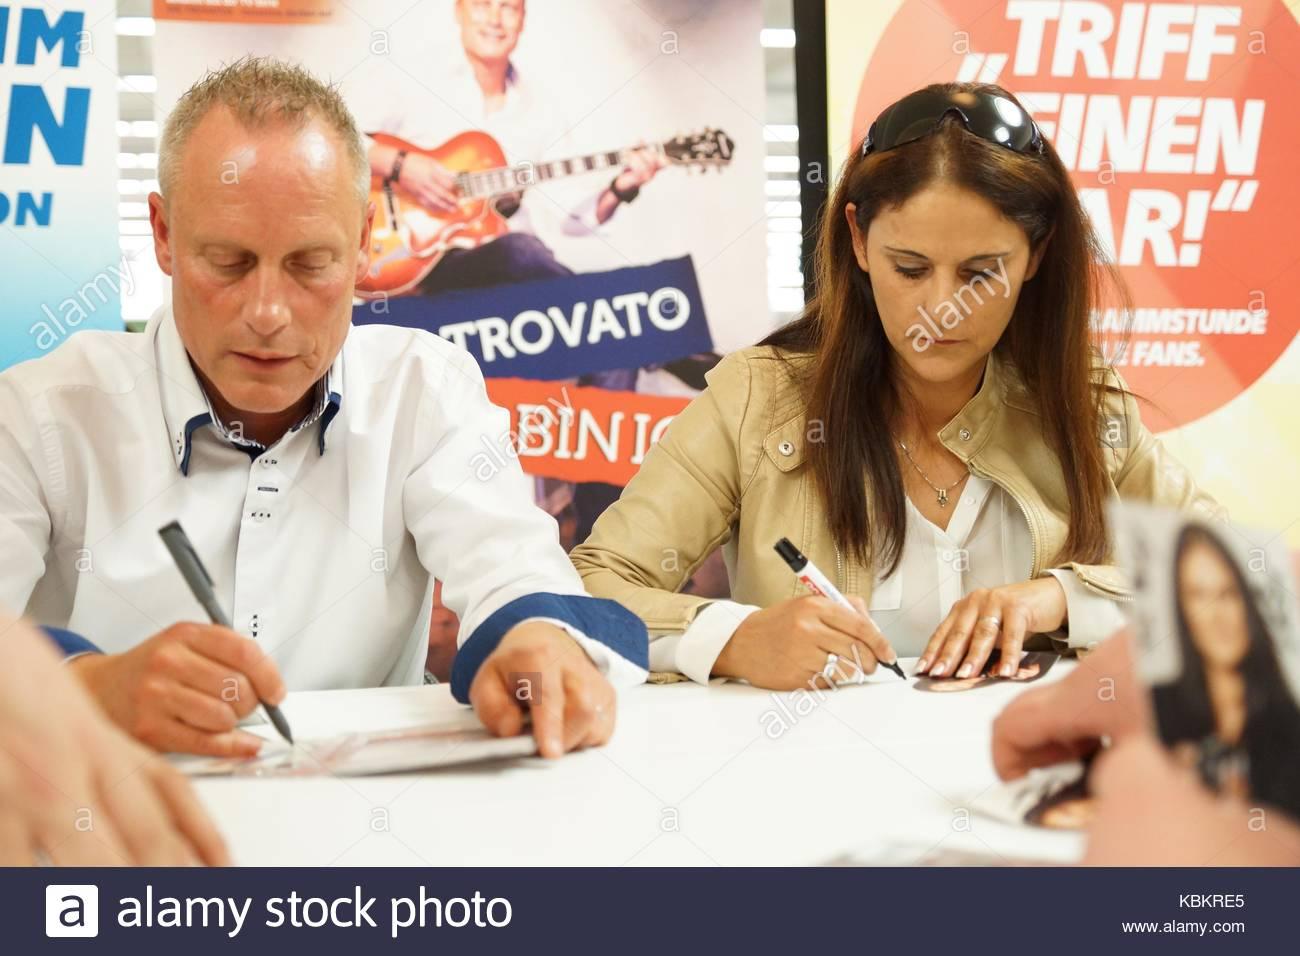 Juergen Trovato And Marta Trovato Juergen Trovato Known From The